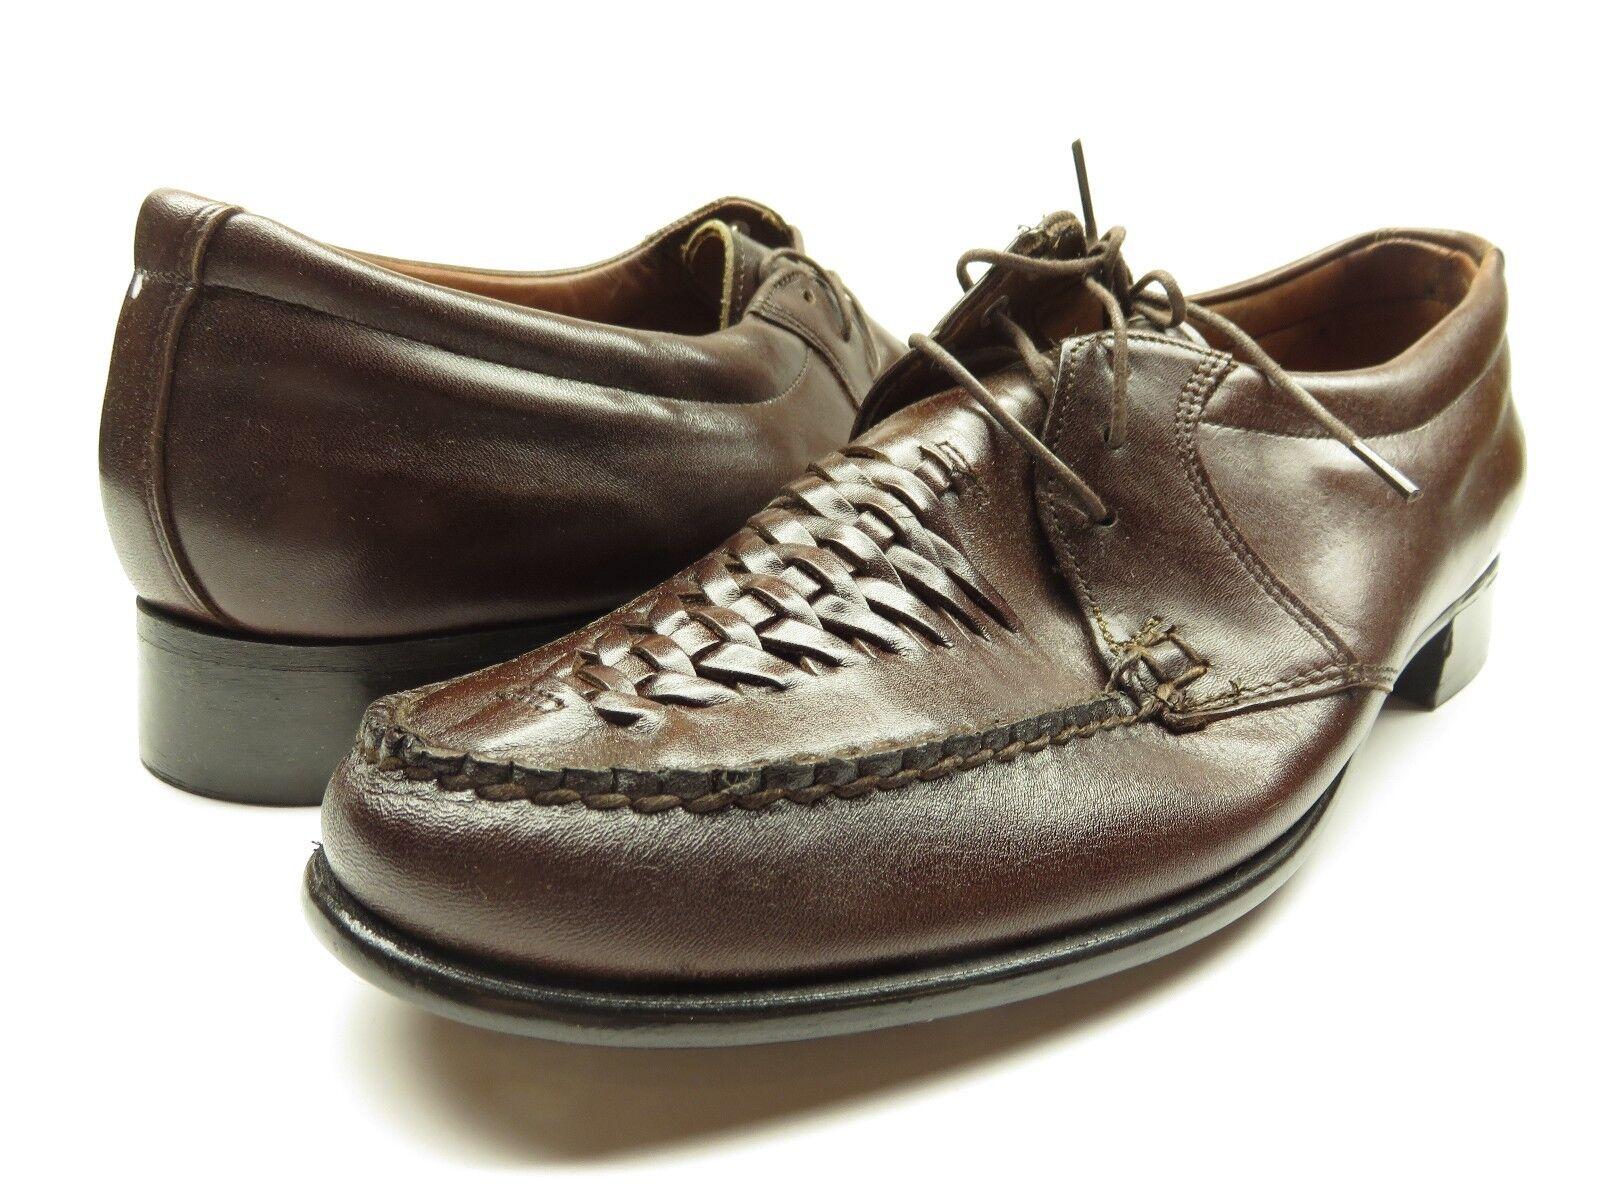 spedizione veloce a te NEW Stuart McGuire Moccasin Oxford Casual Casual Casual Dress scarpe Marrone Sz.4100  vendita con alto sconto